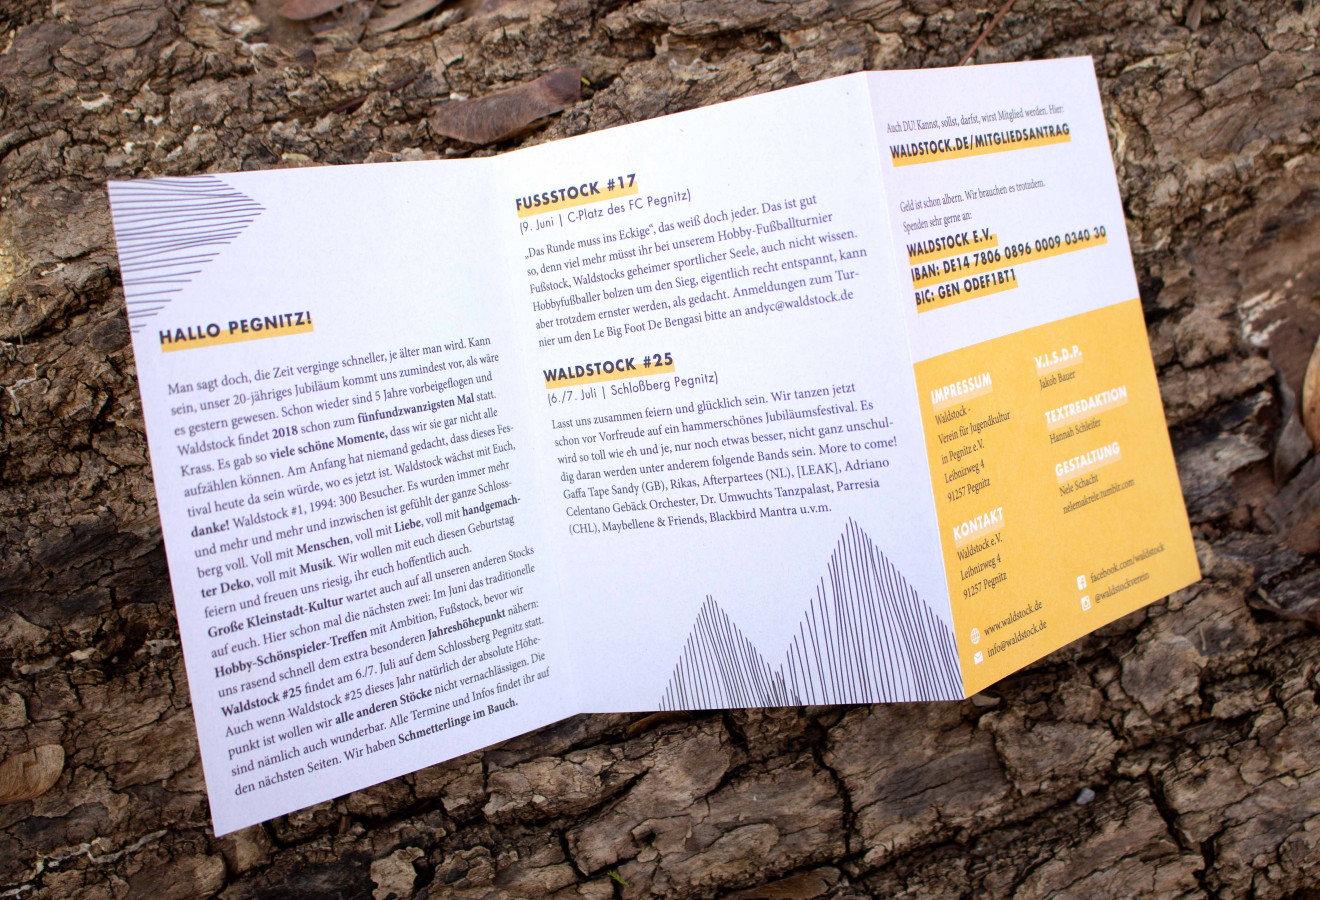 Das aufgeschlagene Jahresprogramm des Waldstock-Vereins liegt auf einem Baumstamm.